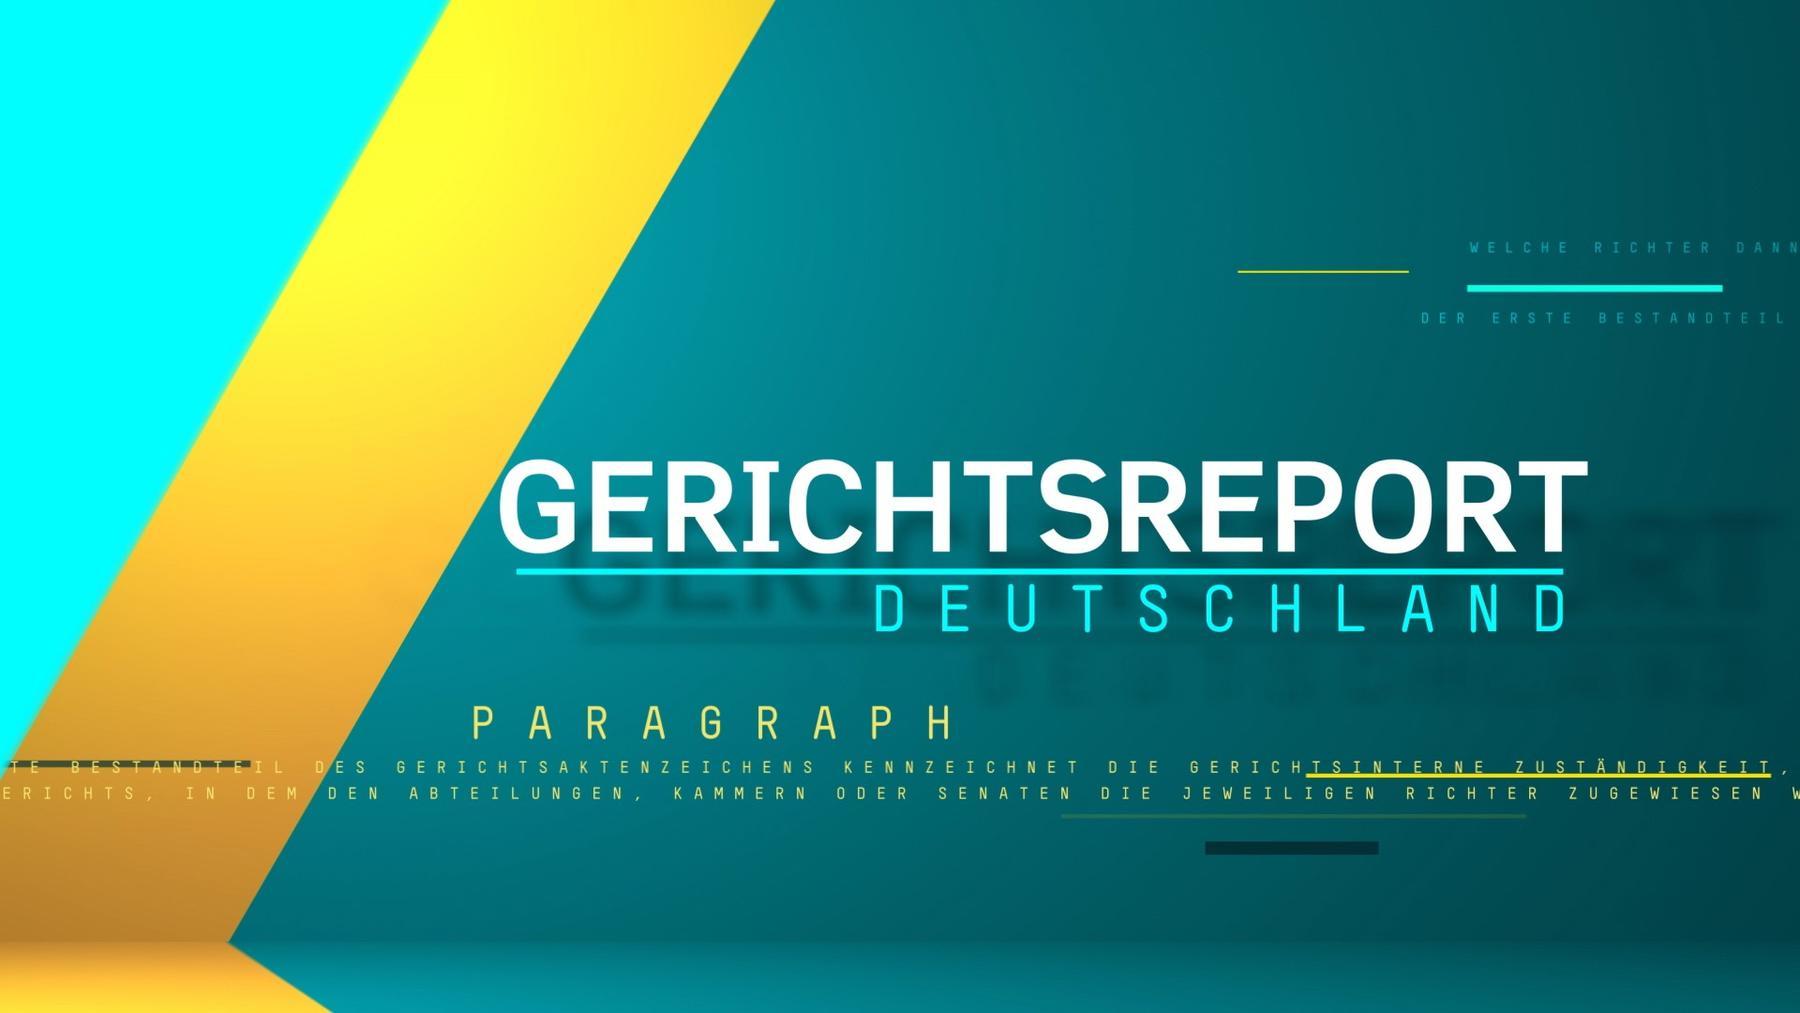 Gerichtsreport Deutschland